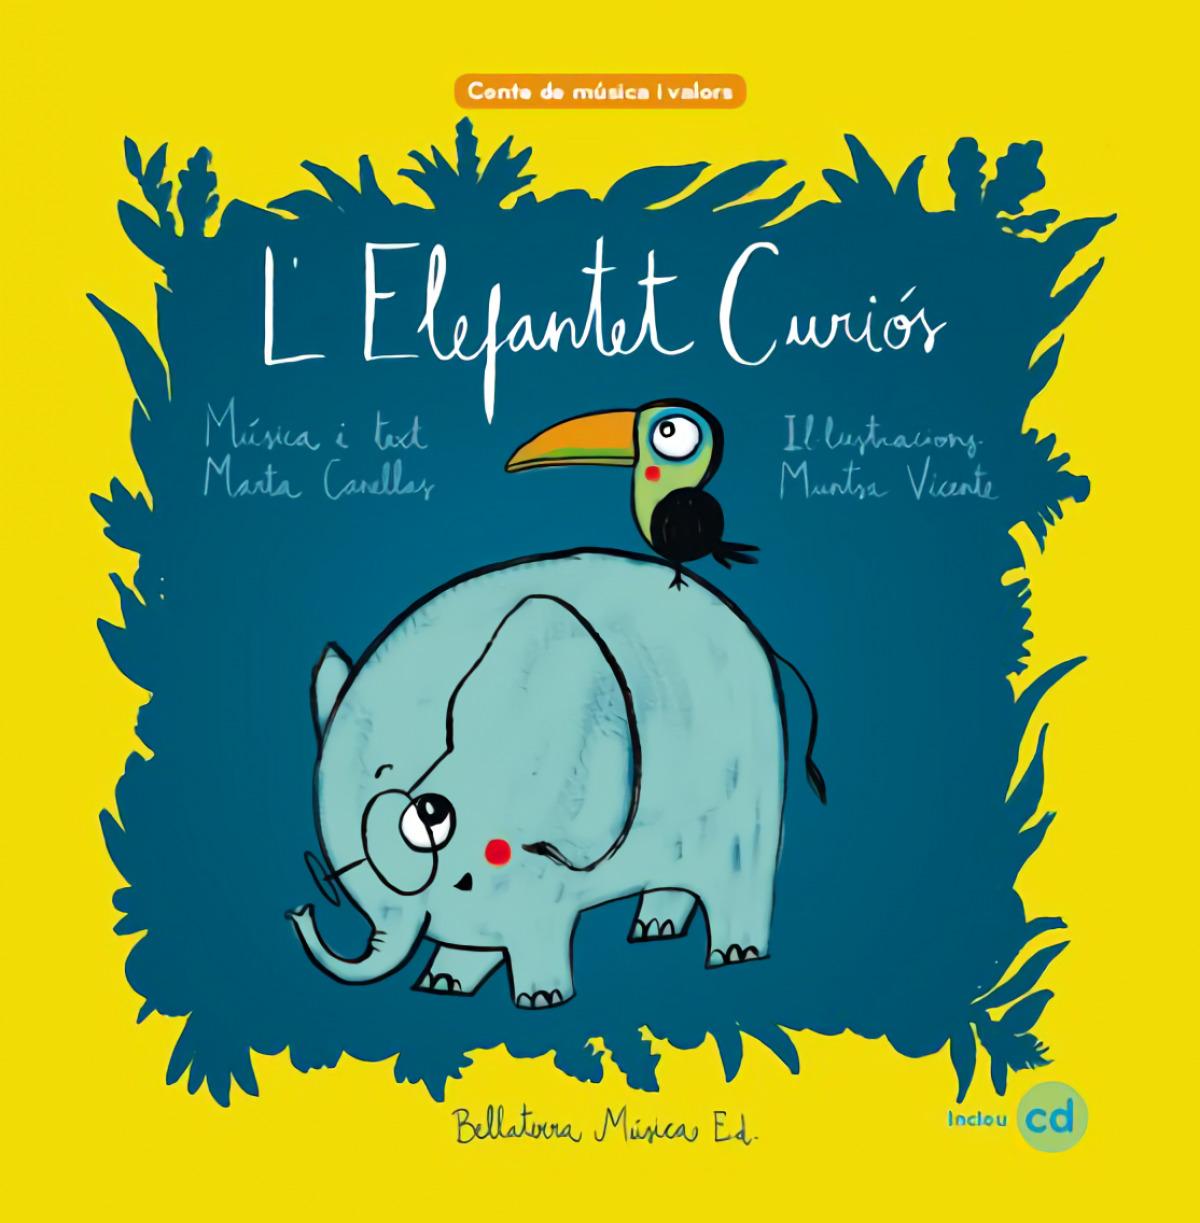 L'Elefantet Curiós